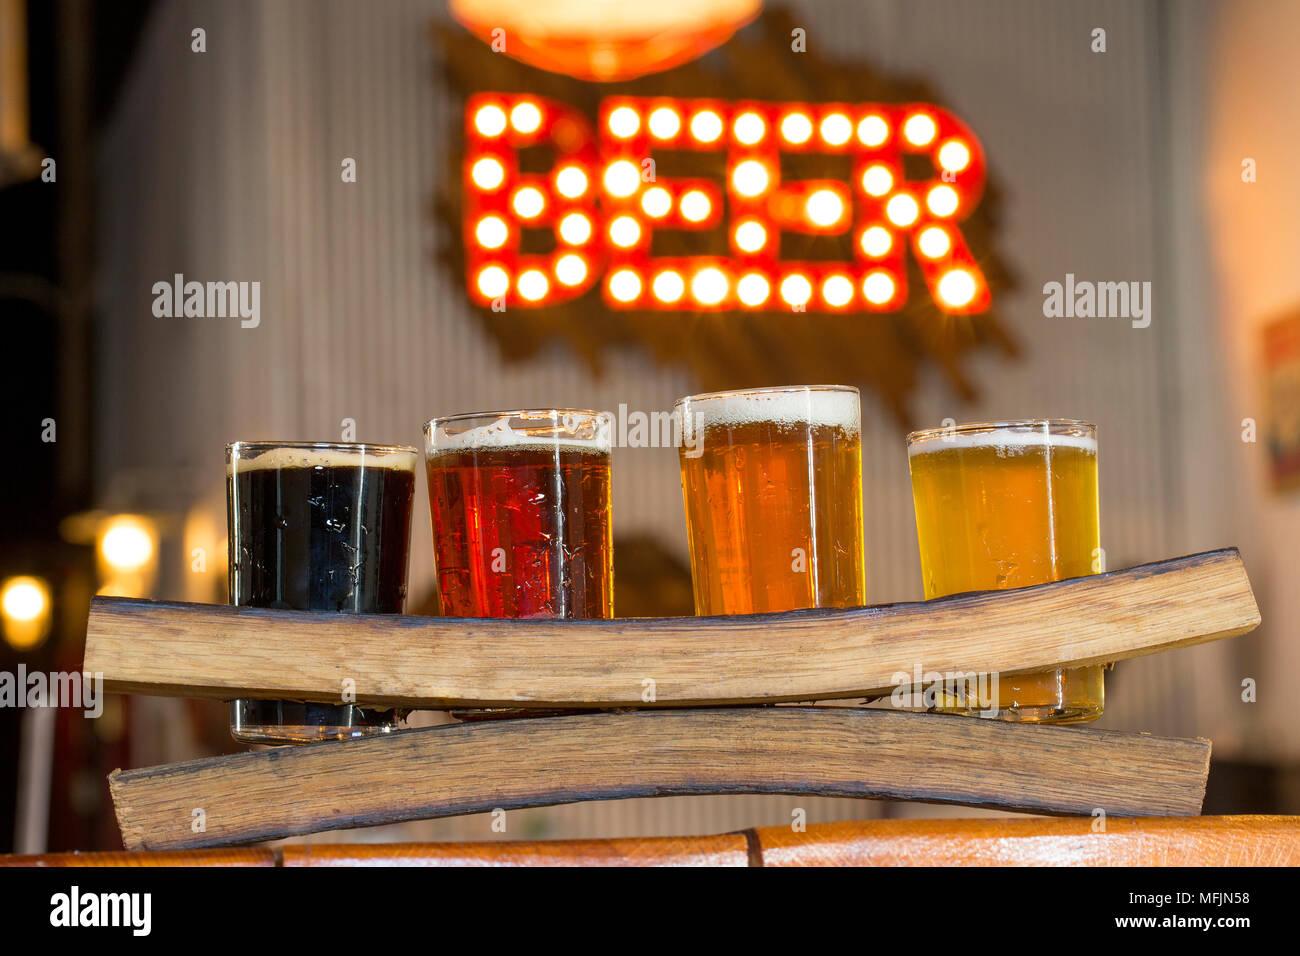 Un campionatore a volo di birra ad un birrificio locale. Immagini Stock